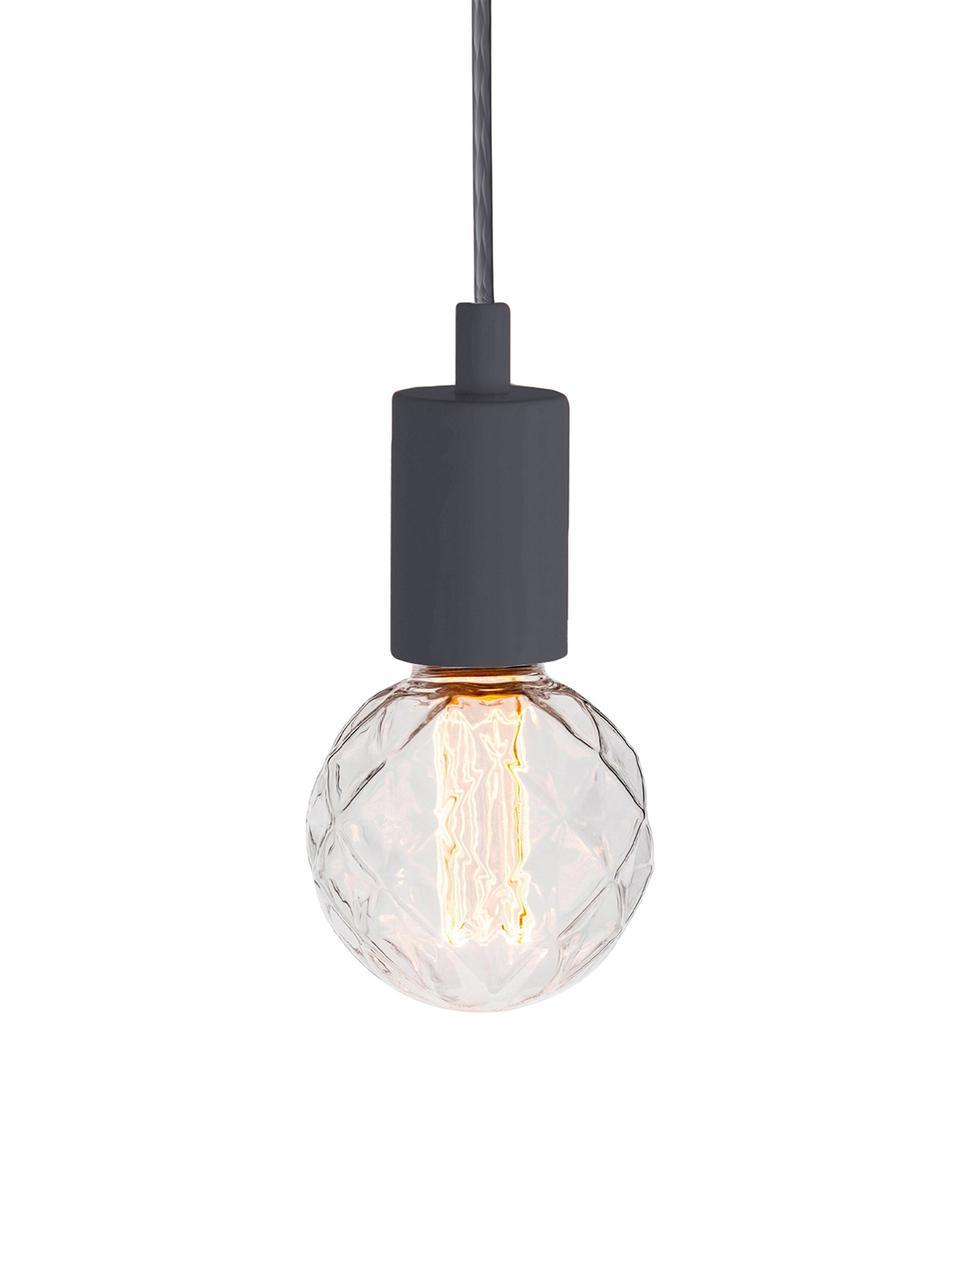 Kleine Pendelleuchte Color, Grau, Ø 5 x H 6 cm